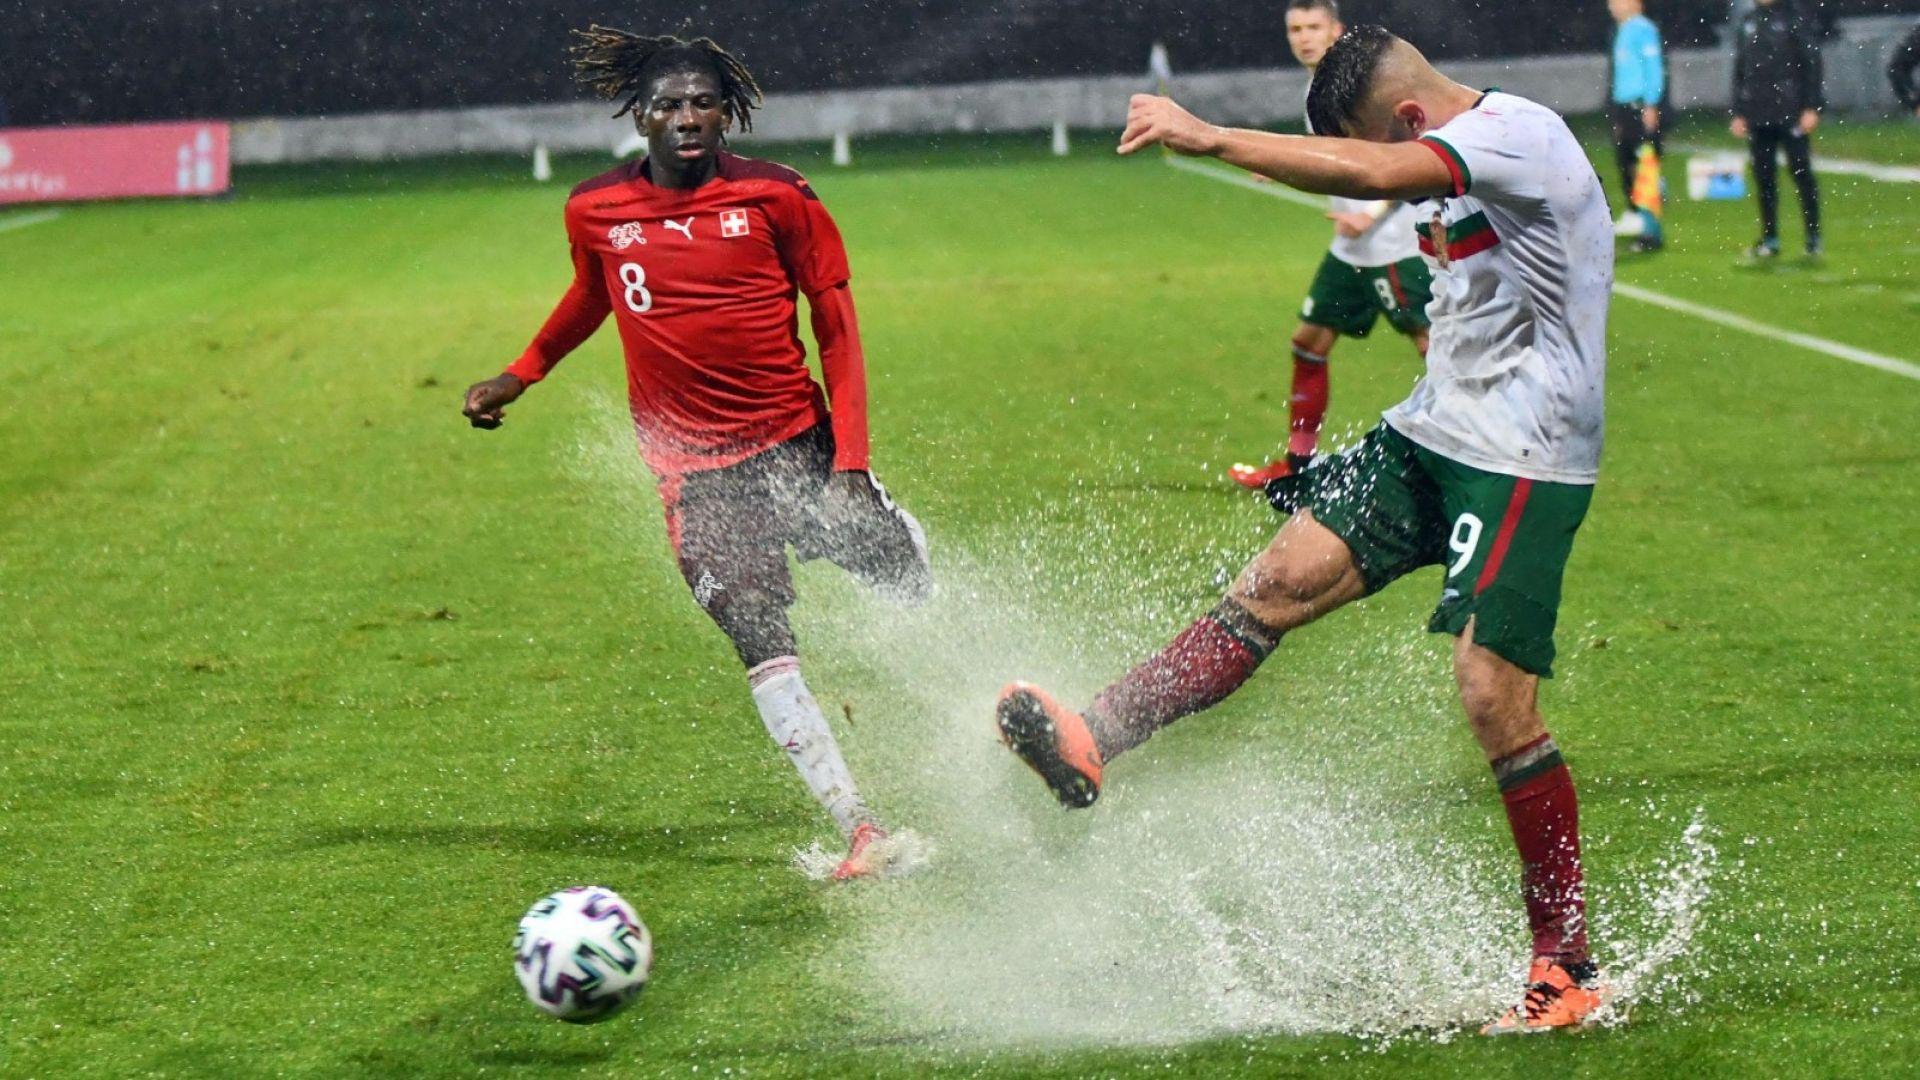 Младежите загубиха от силен швейцарски отбор върху подобие на футболен терен